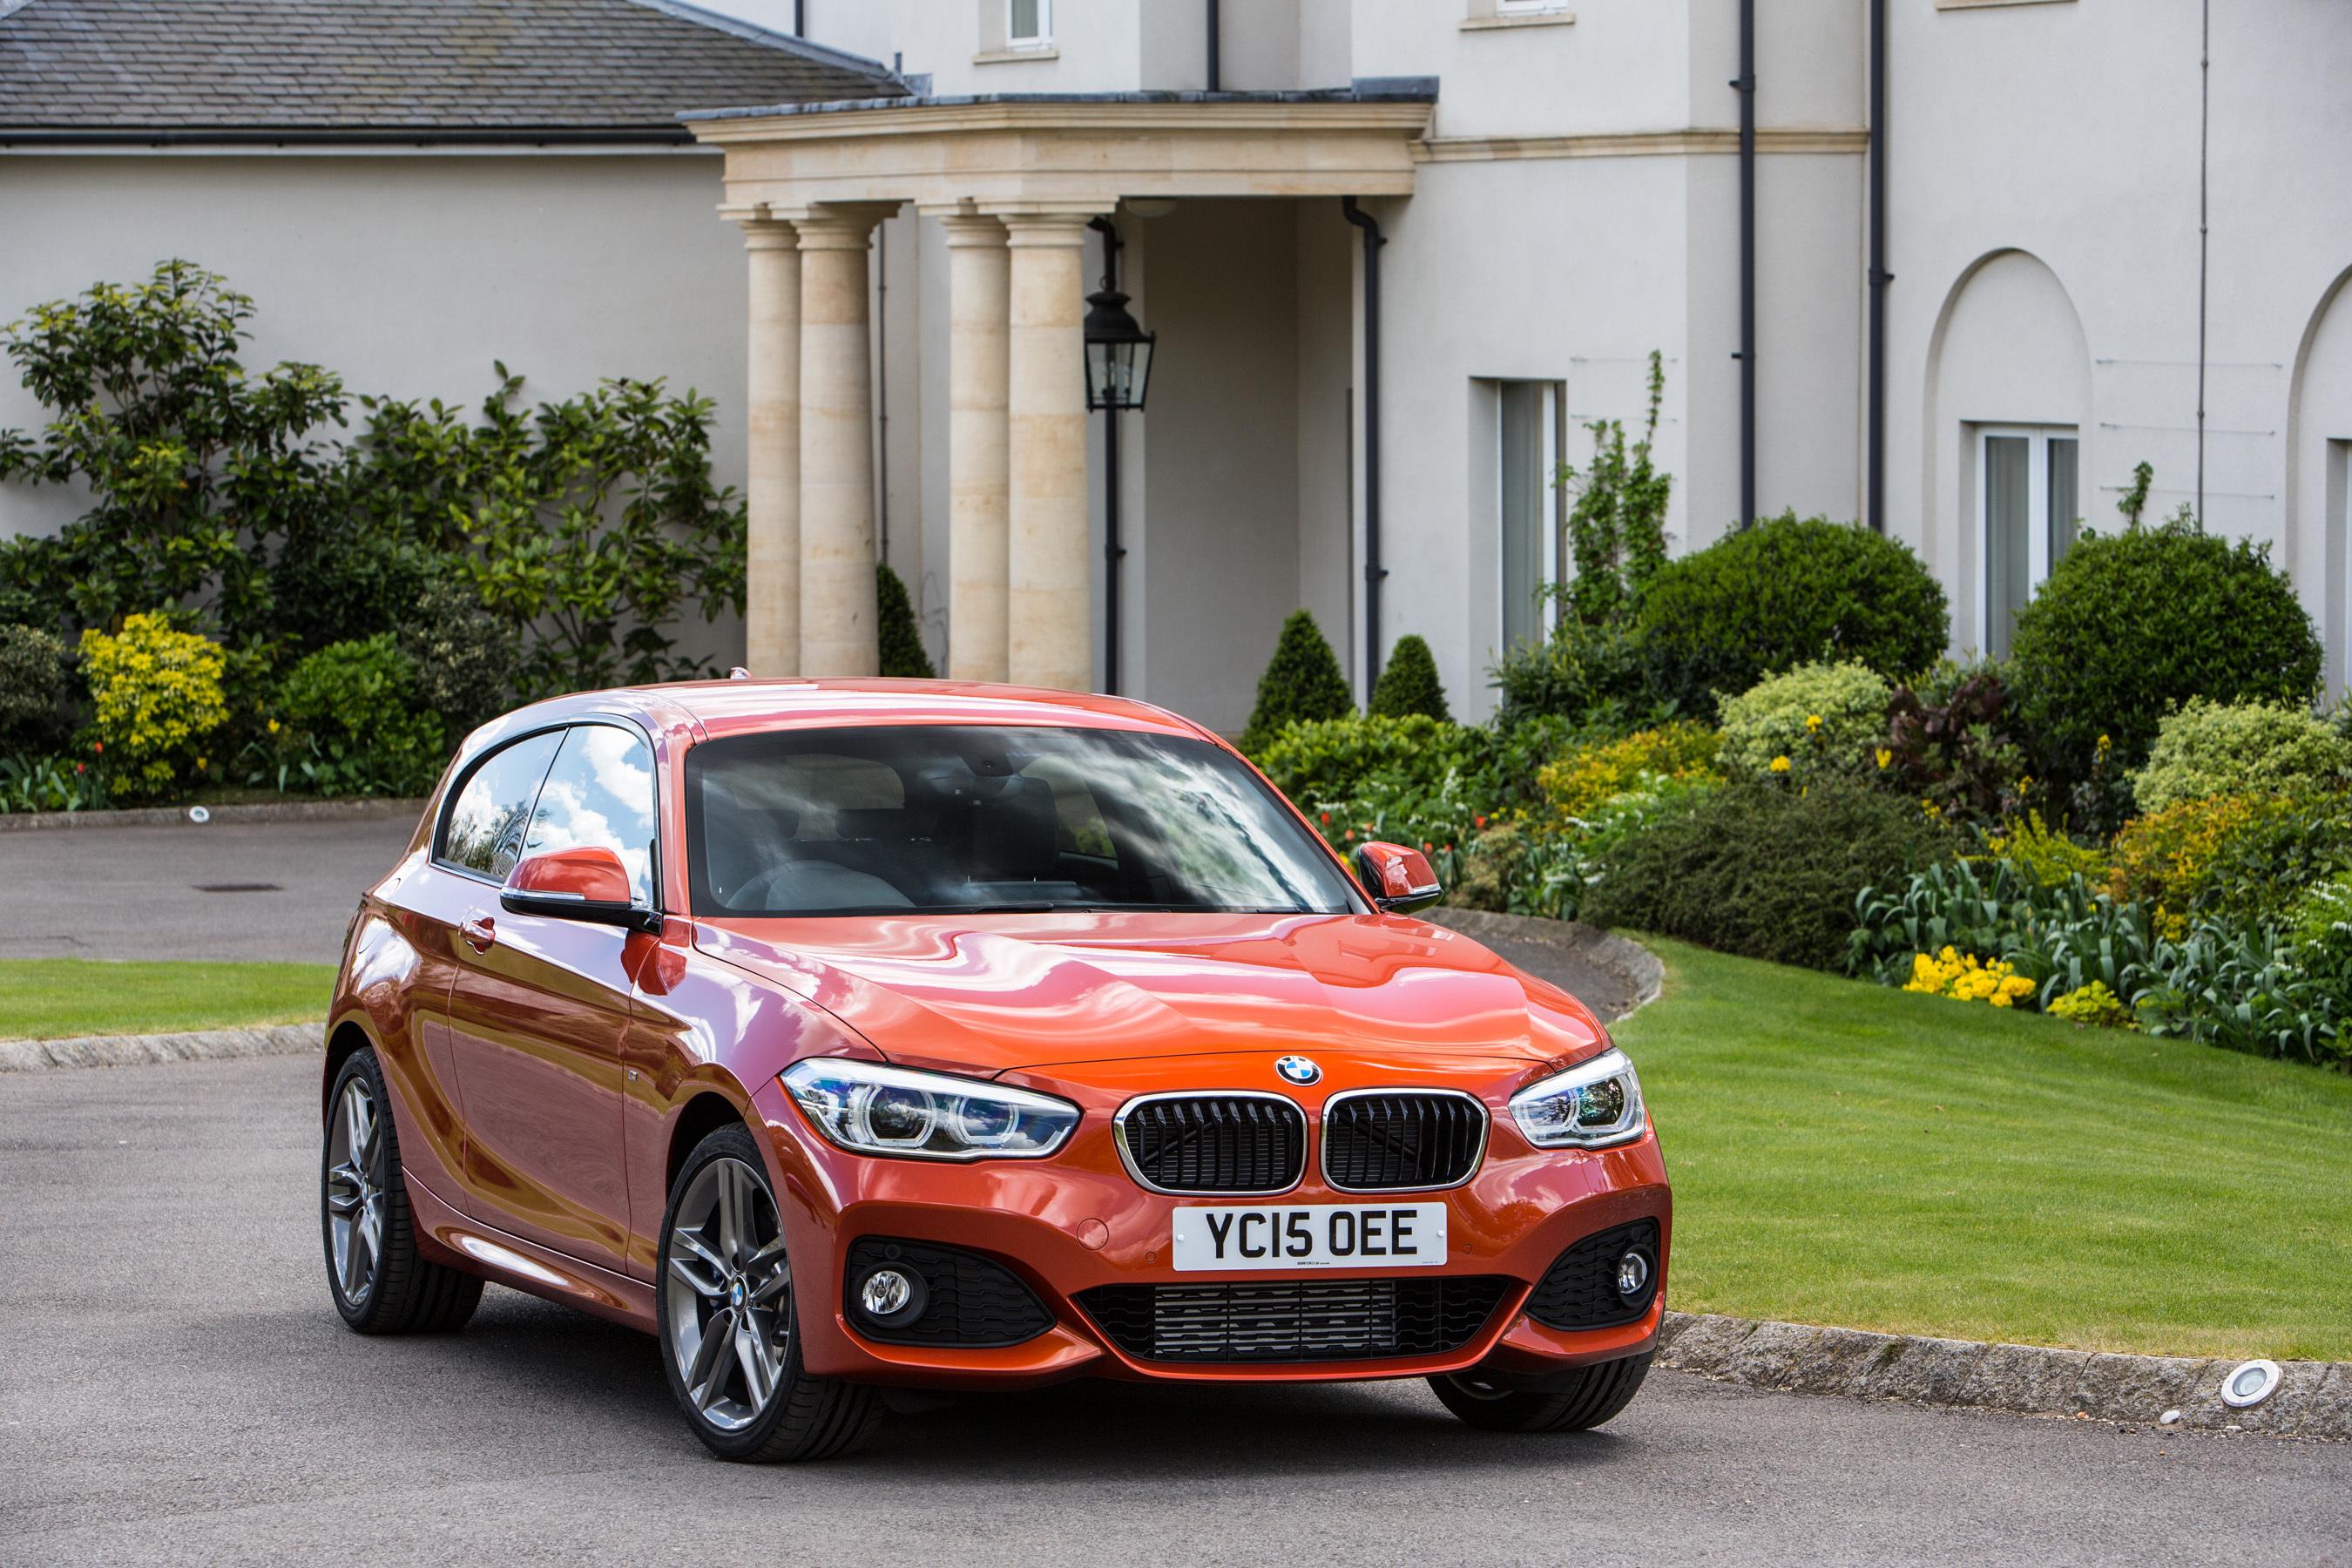 Фотография BMW 2015 M120i Sport 3-door UK-spec F21 Оранжевый машины 2700x1800 БМВ оранжевая оранжевые оранжевых авто машина Автомобили автомобиль